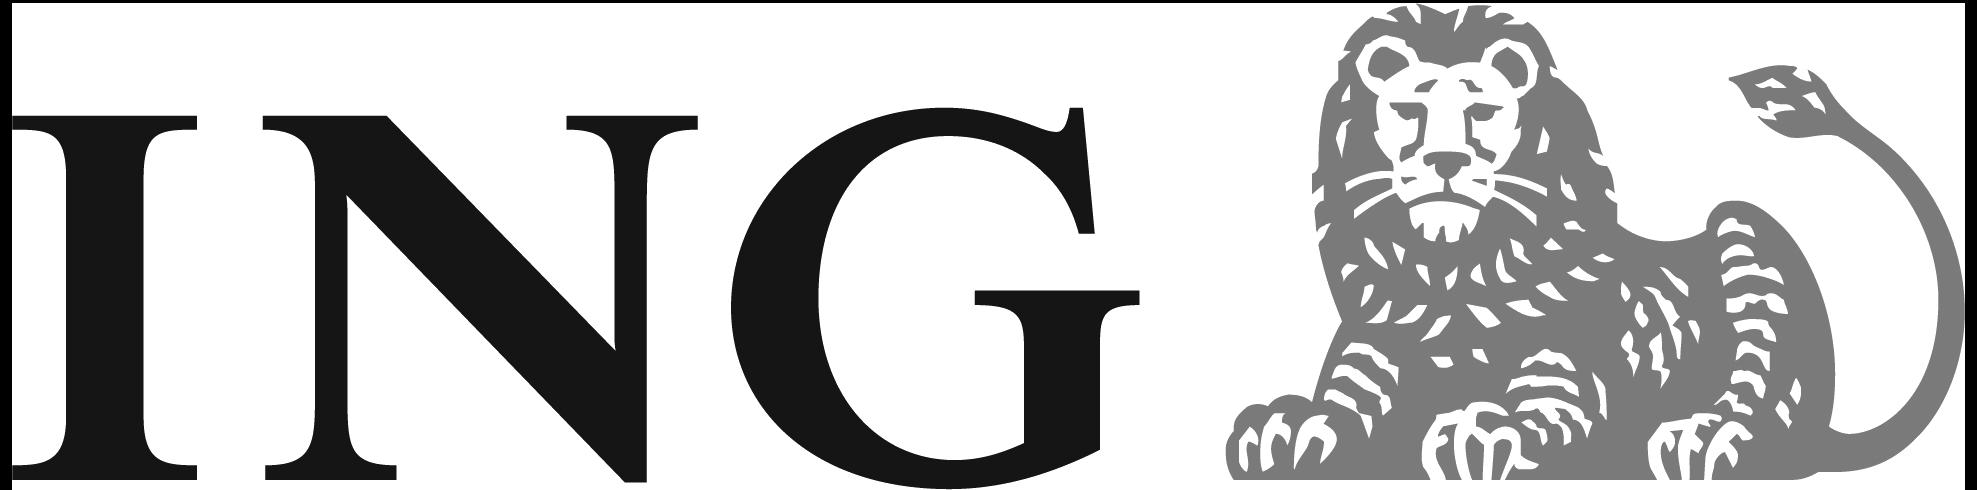 ING_logo_black